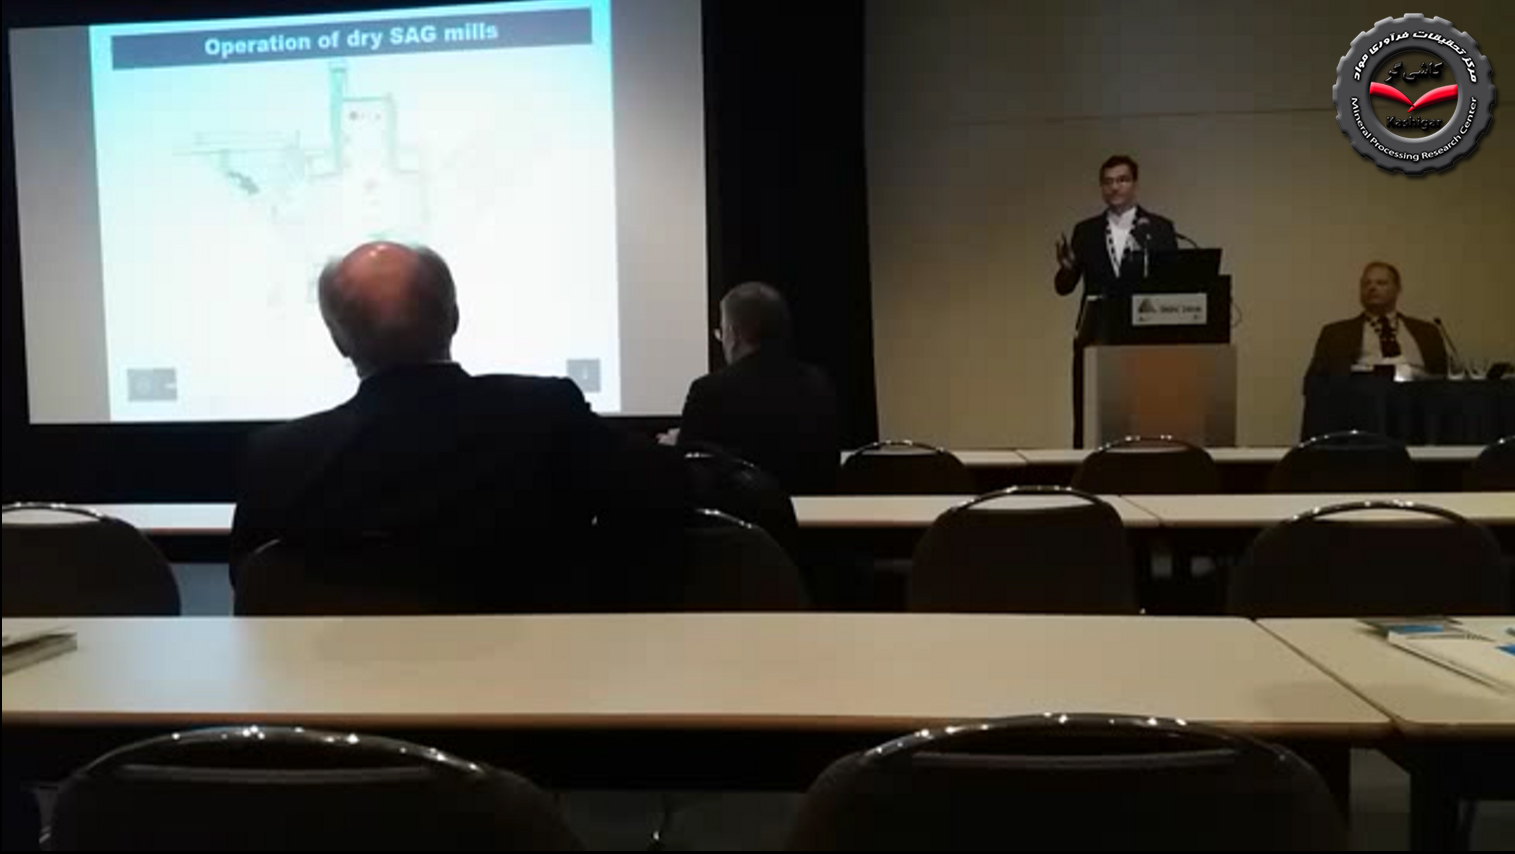 ارائه مهندس علیرضا حسنخویی در کنفرانس IMPC 2016 کانادا